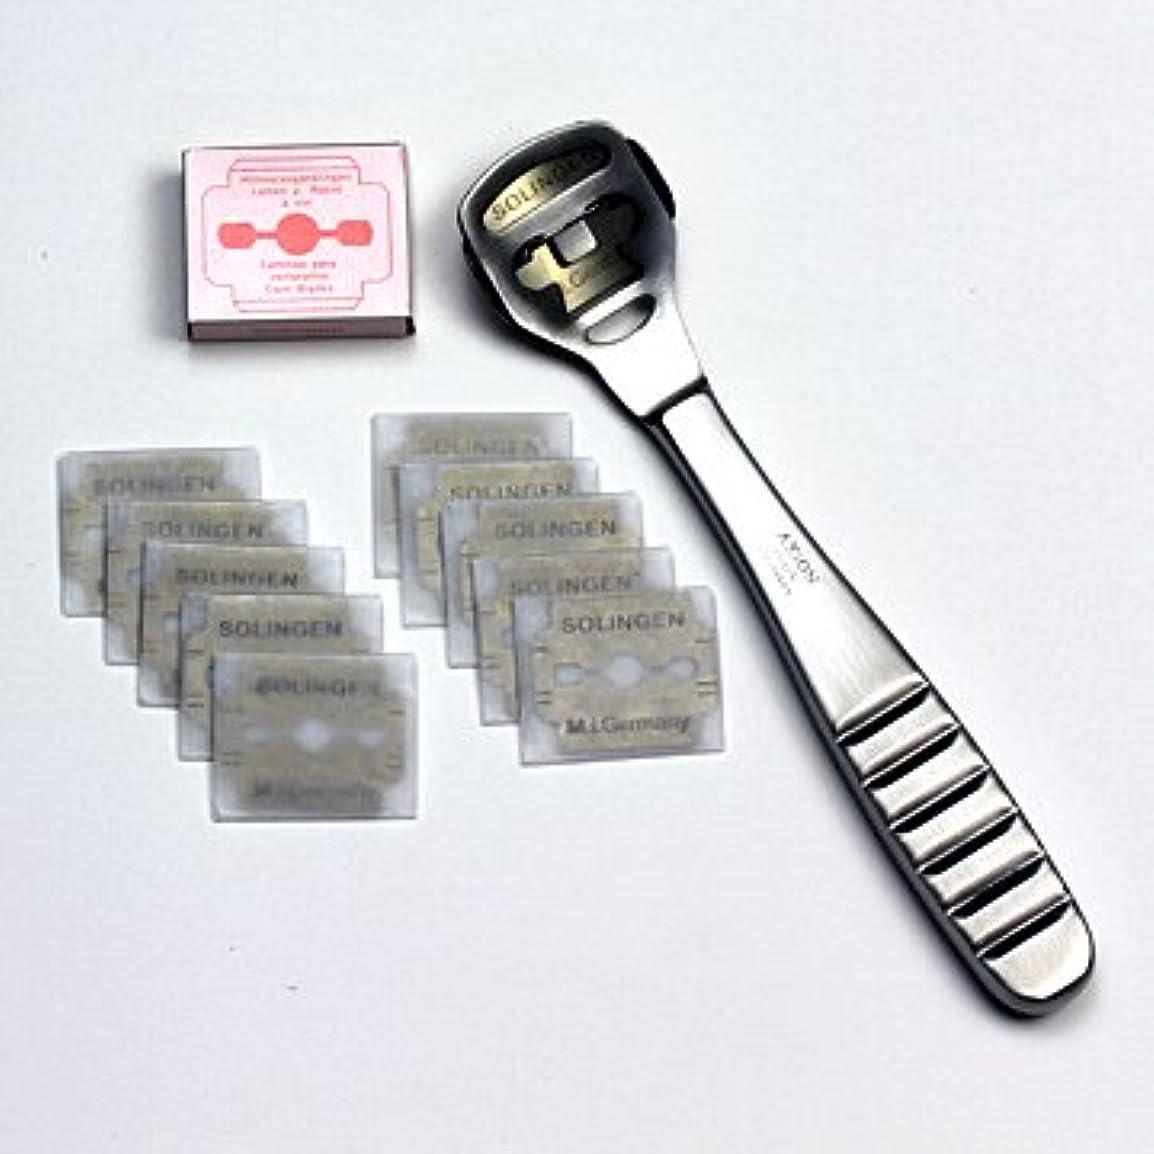 冷酷な祭りファッションドイツ?ゾーリンゲン AXiON(アクシオン)ステンレス製かかと削り器(ゾーリンゲン製替刃11枚付) #slg008420fba